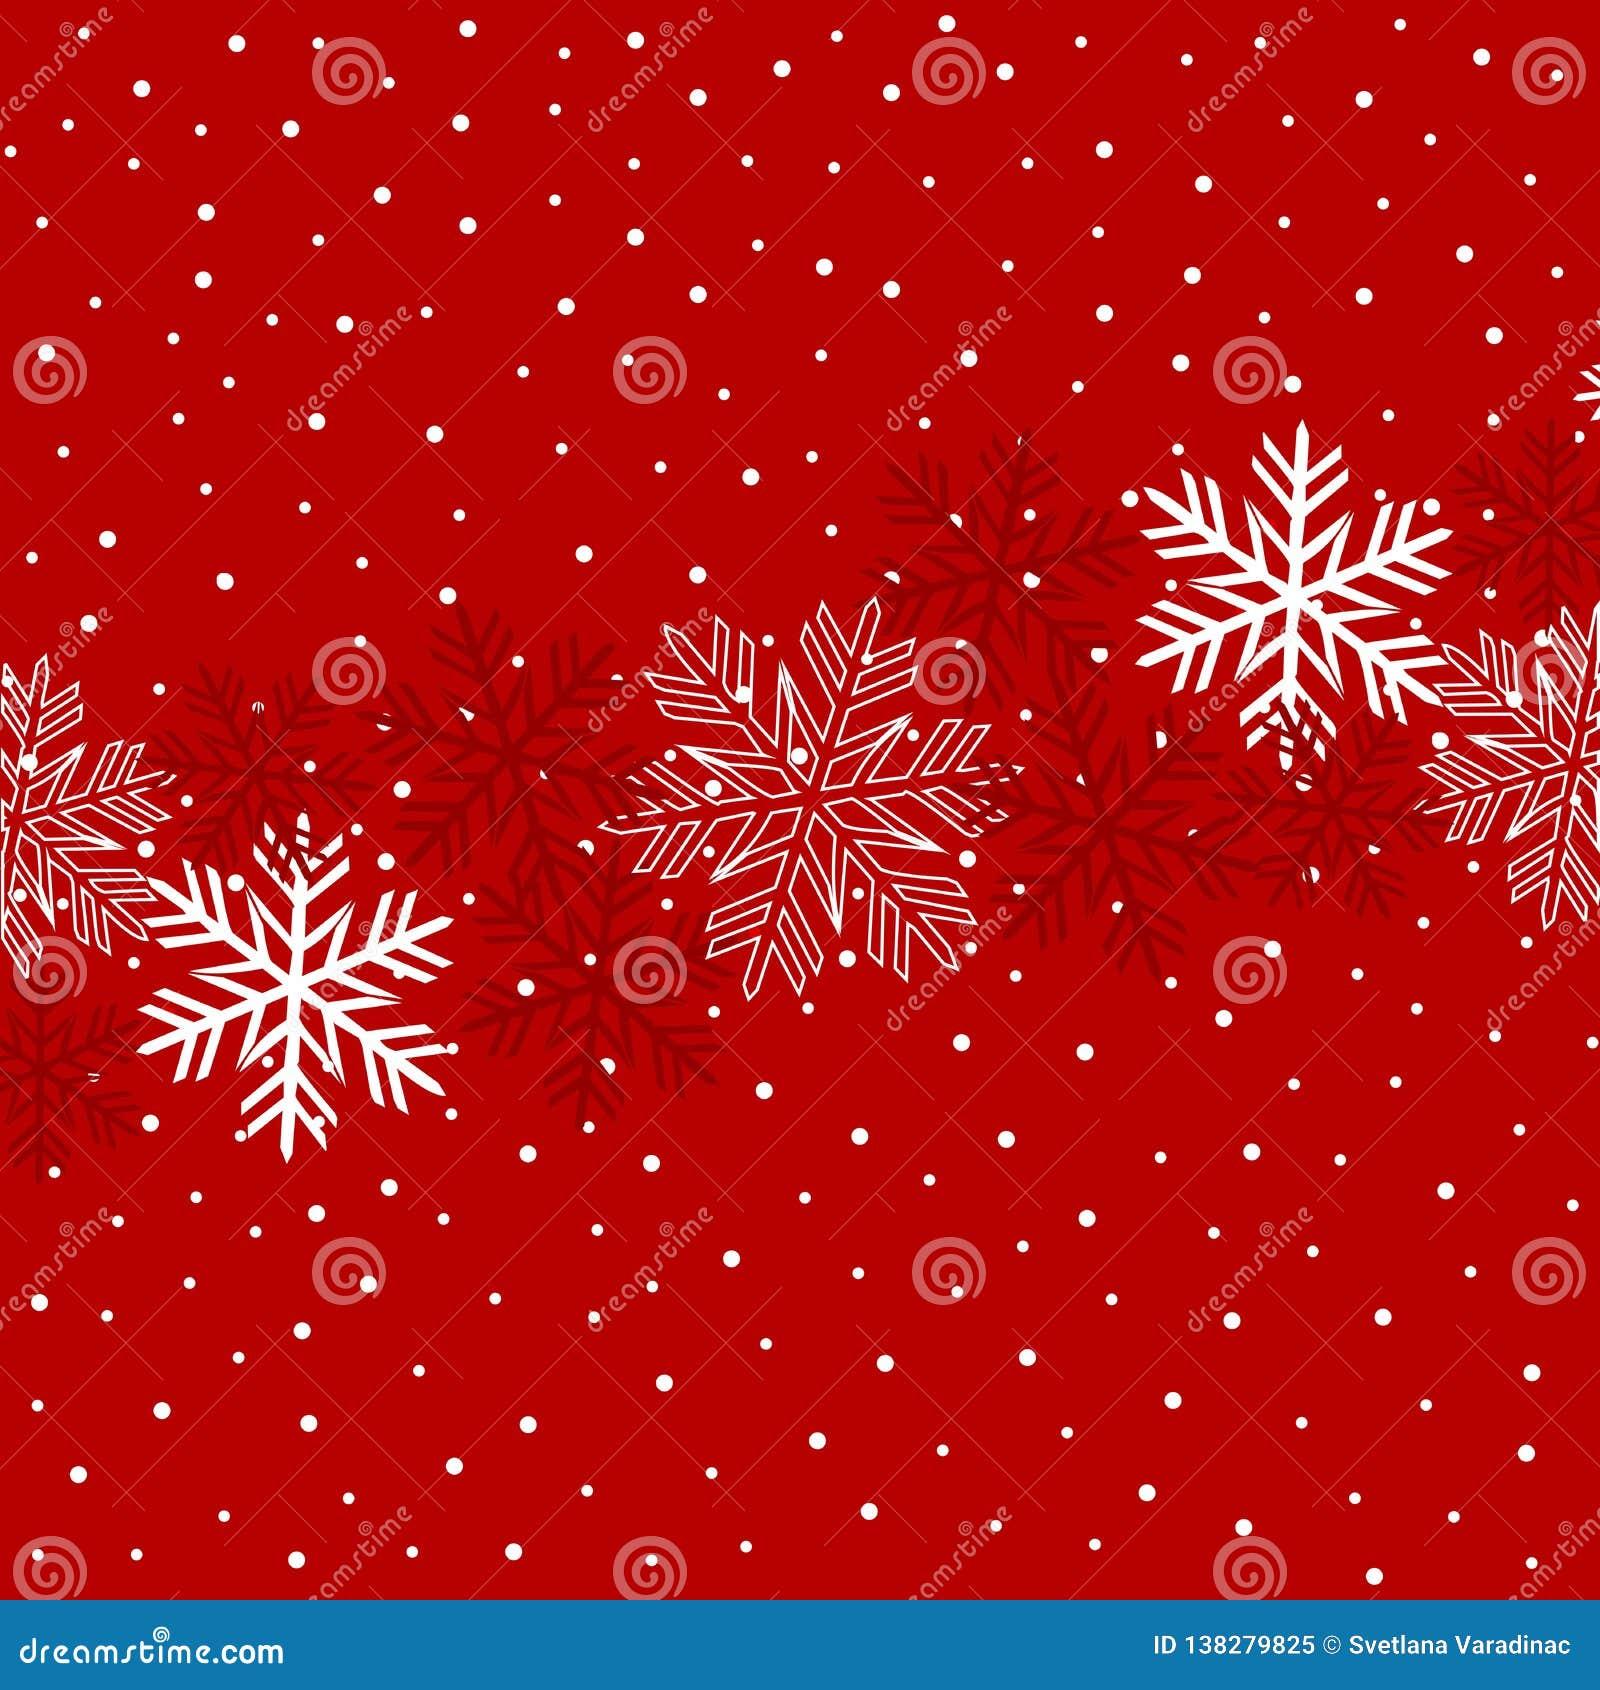 Kerstmisillustratie met sneeuwvlokken op donkerrode achtergrond in rode kleuren